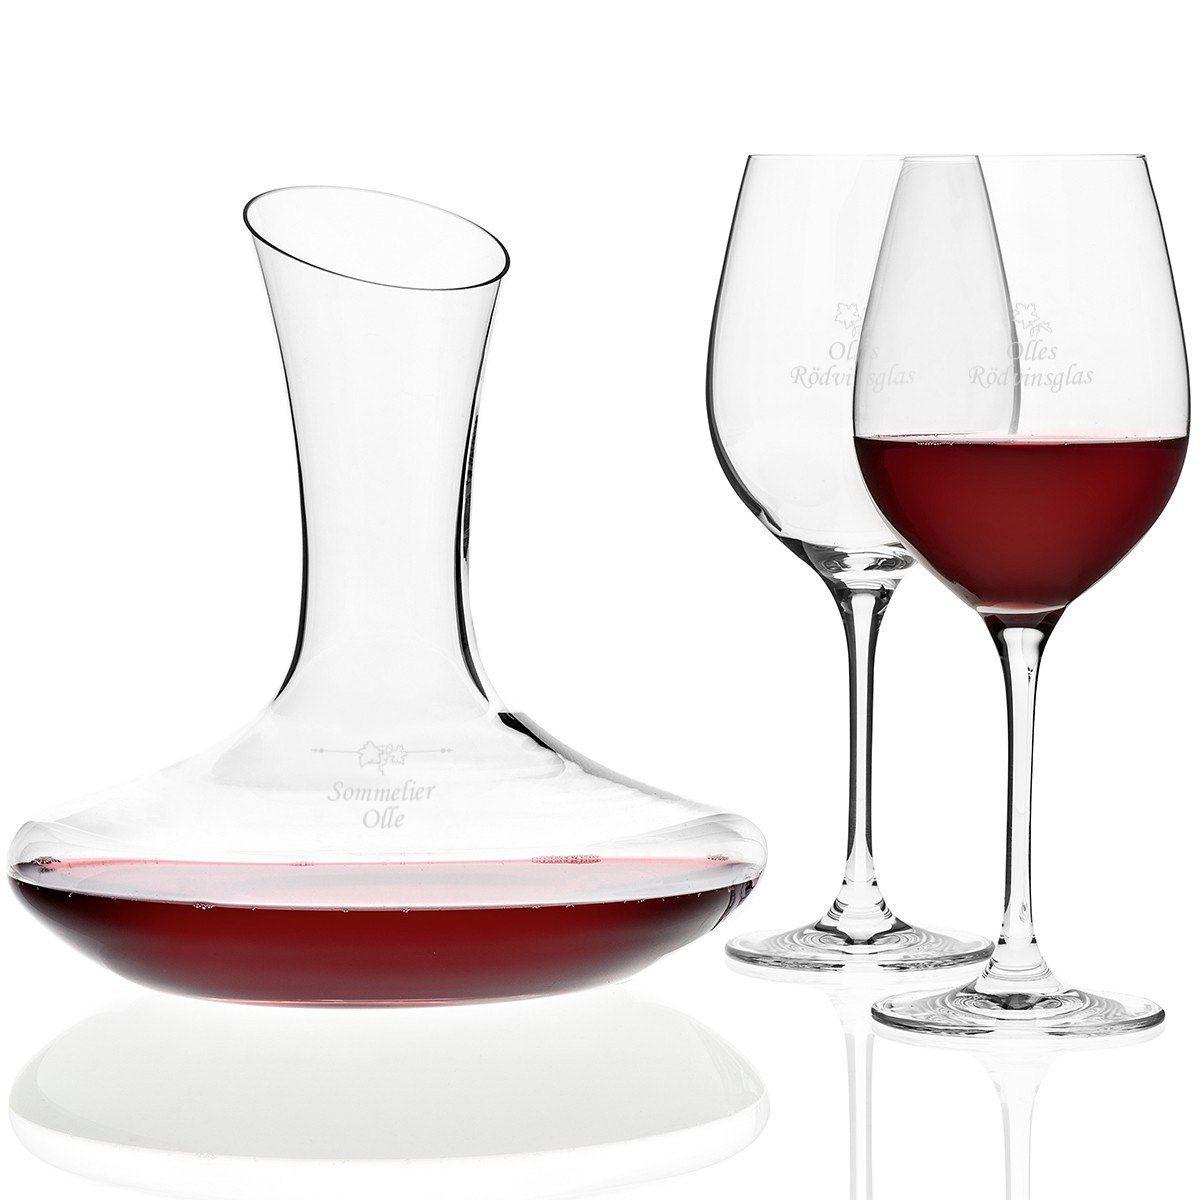 Rödvinset för vinälskare - klassisk present